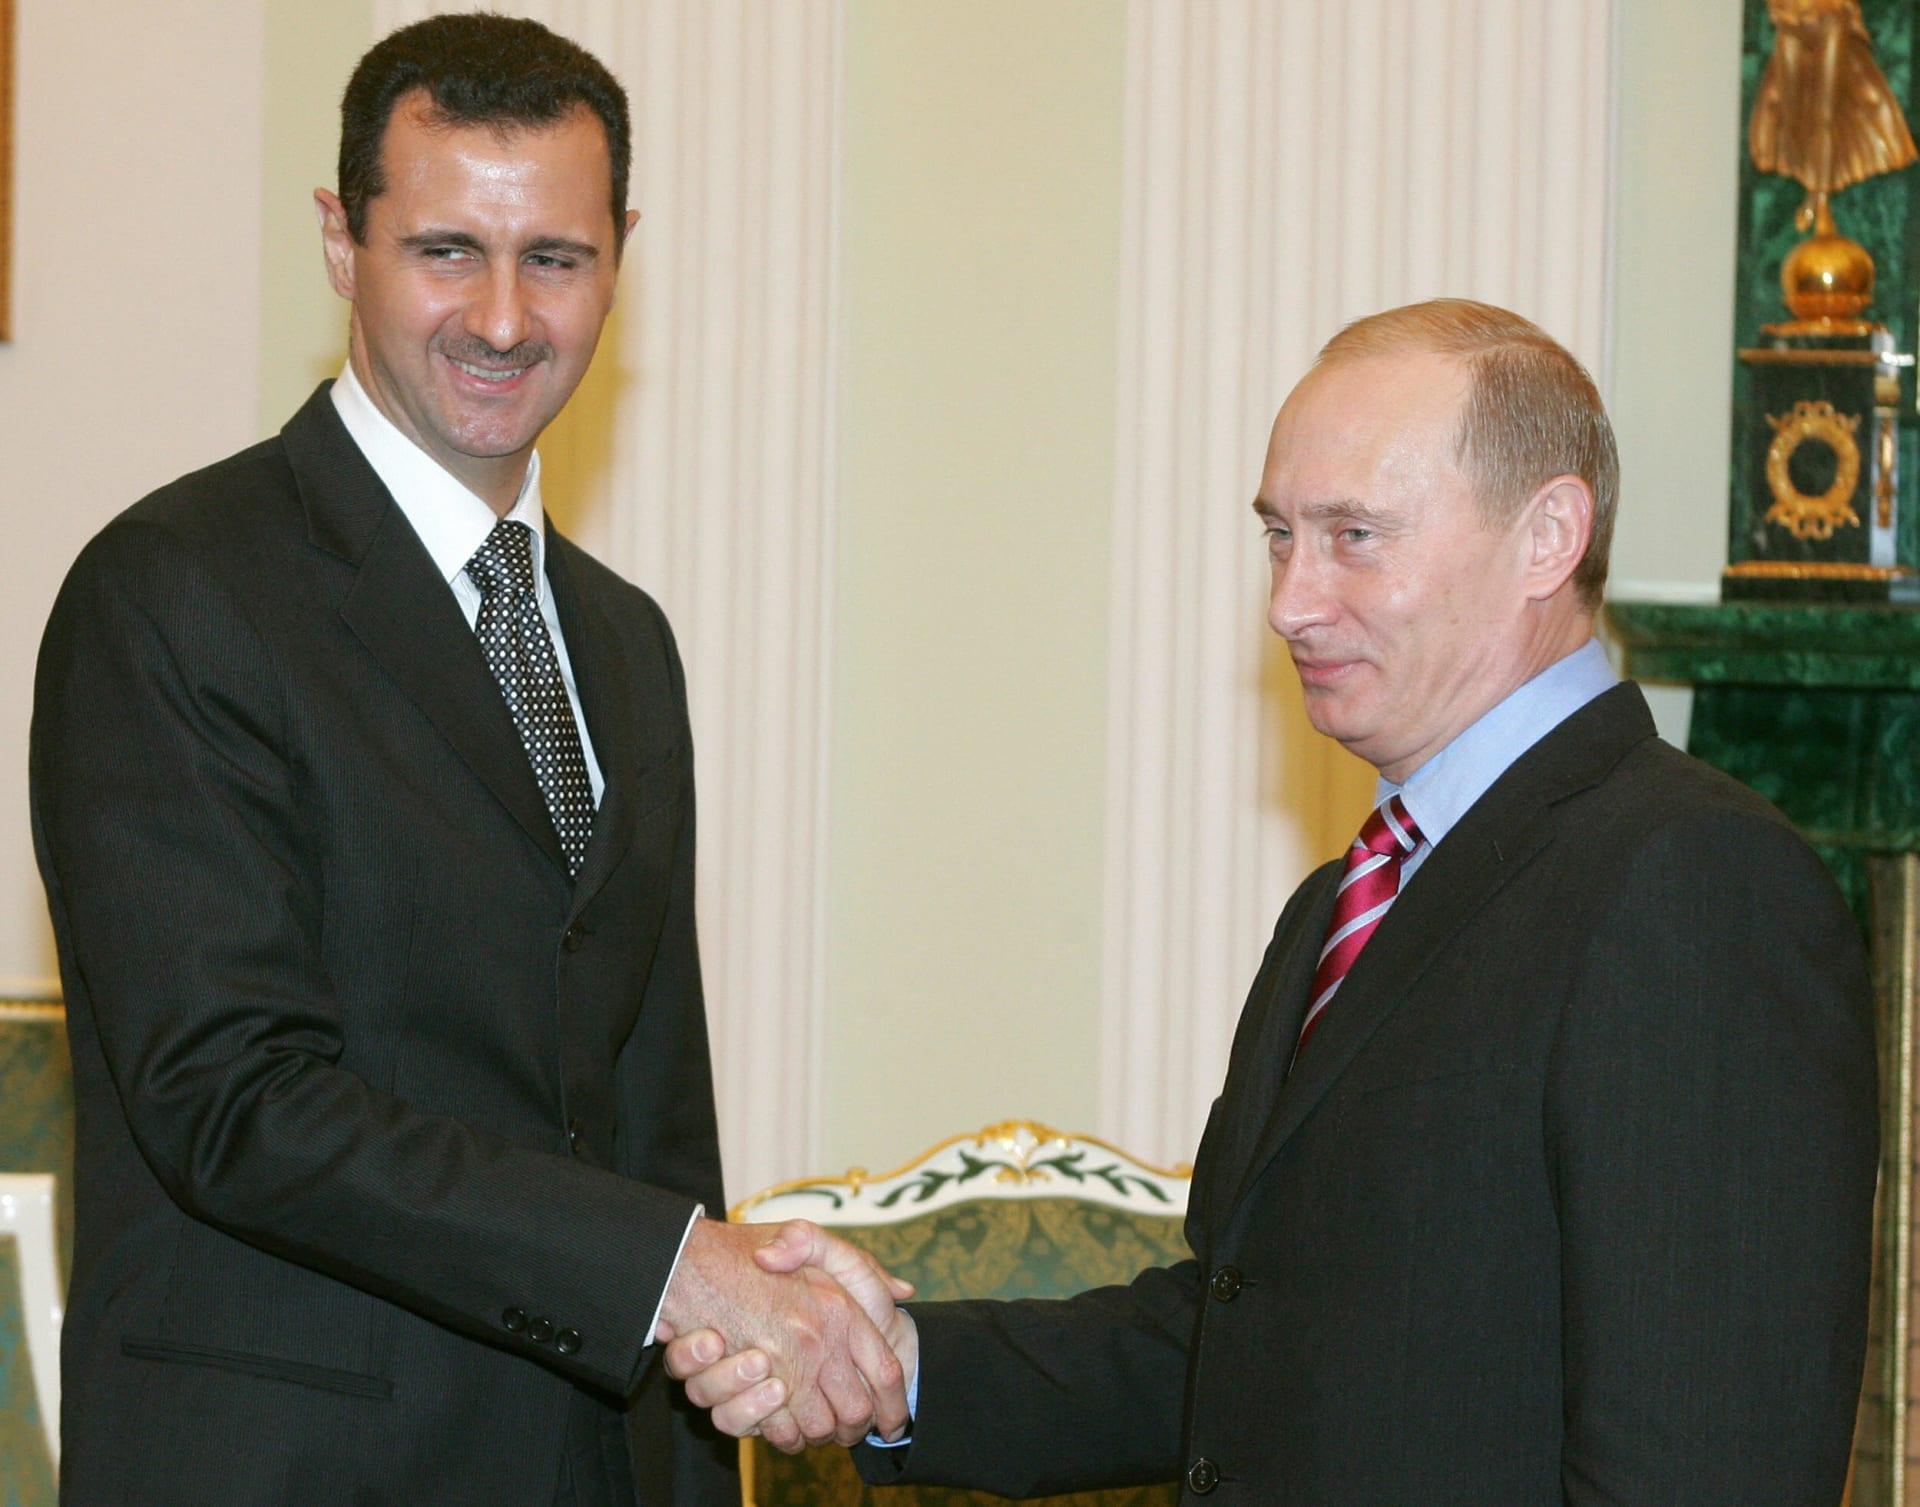 المسلط: لا أحد يمكنه الضغط على الأسد إلا روسيا ولكنها متورطة بجرائمه في حلب